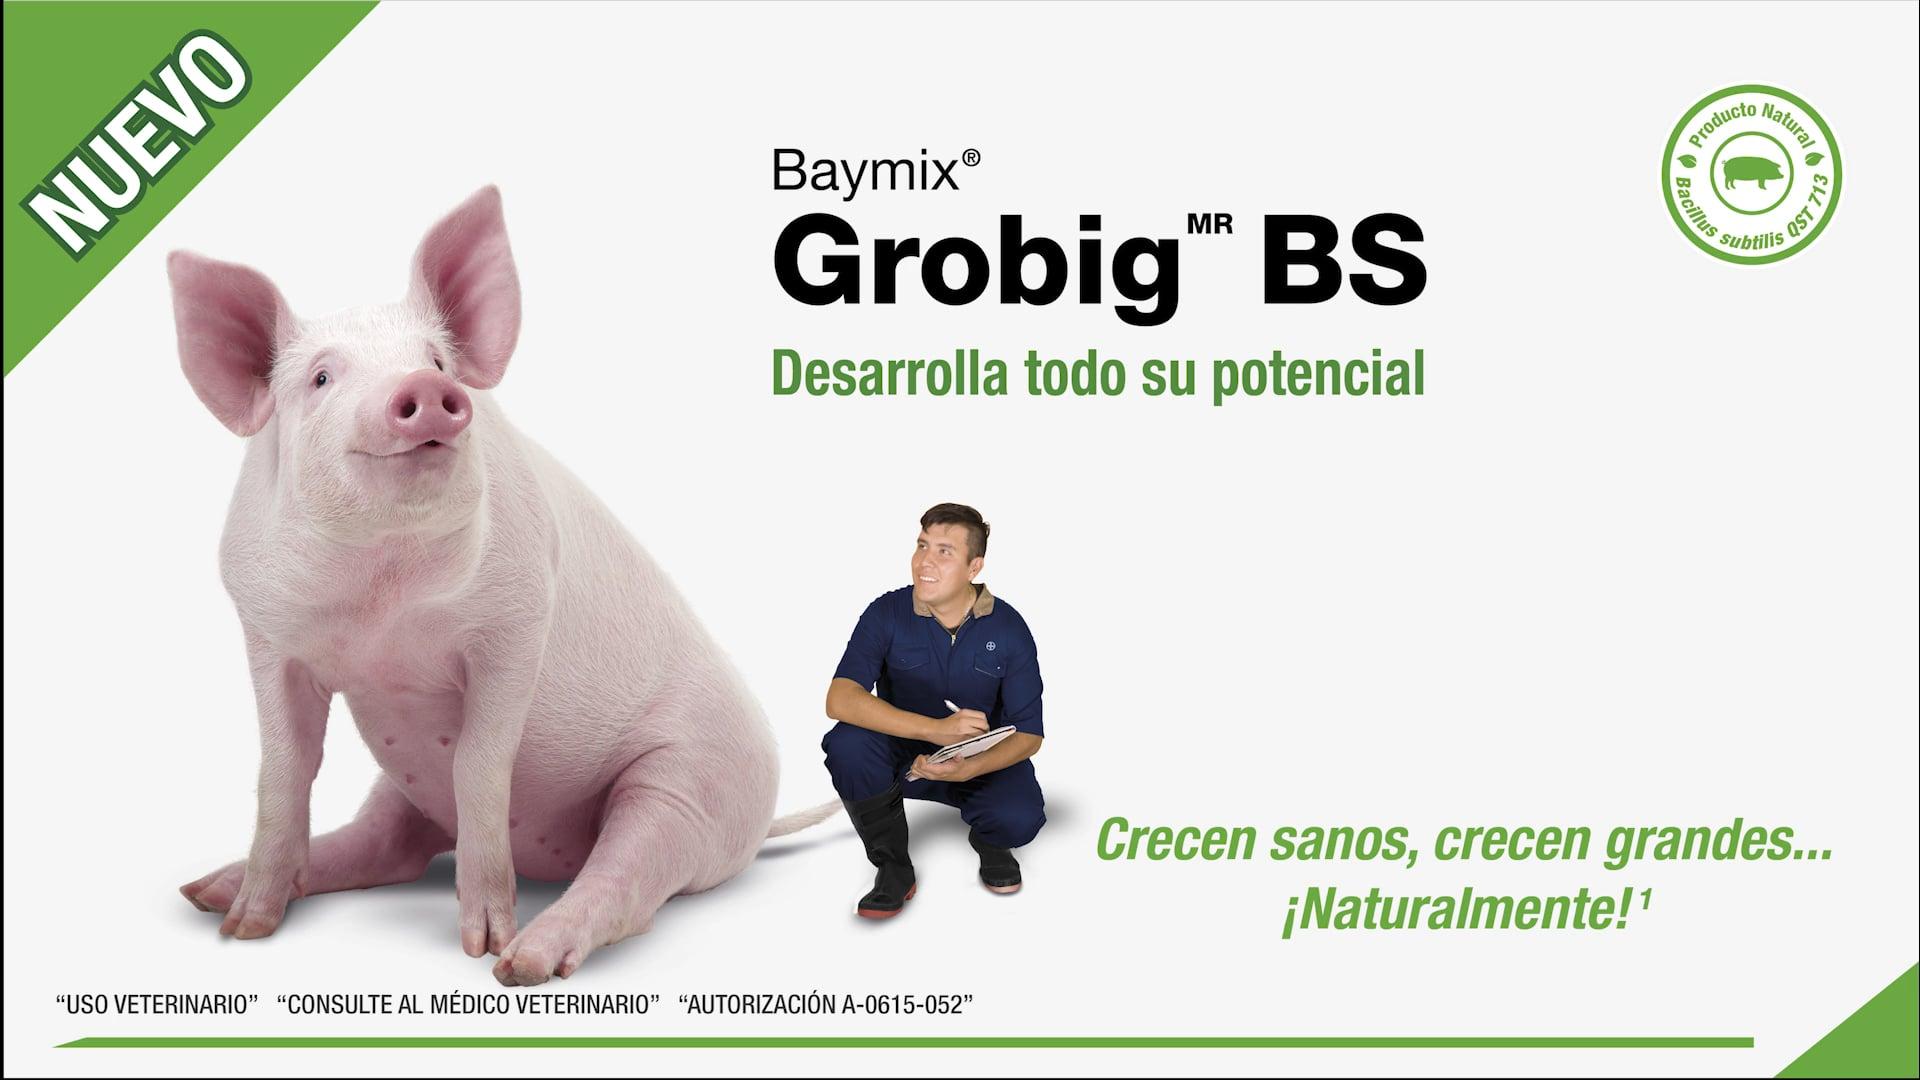 Baymix Grobig: Desarrolla todo su potencial